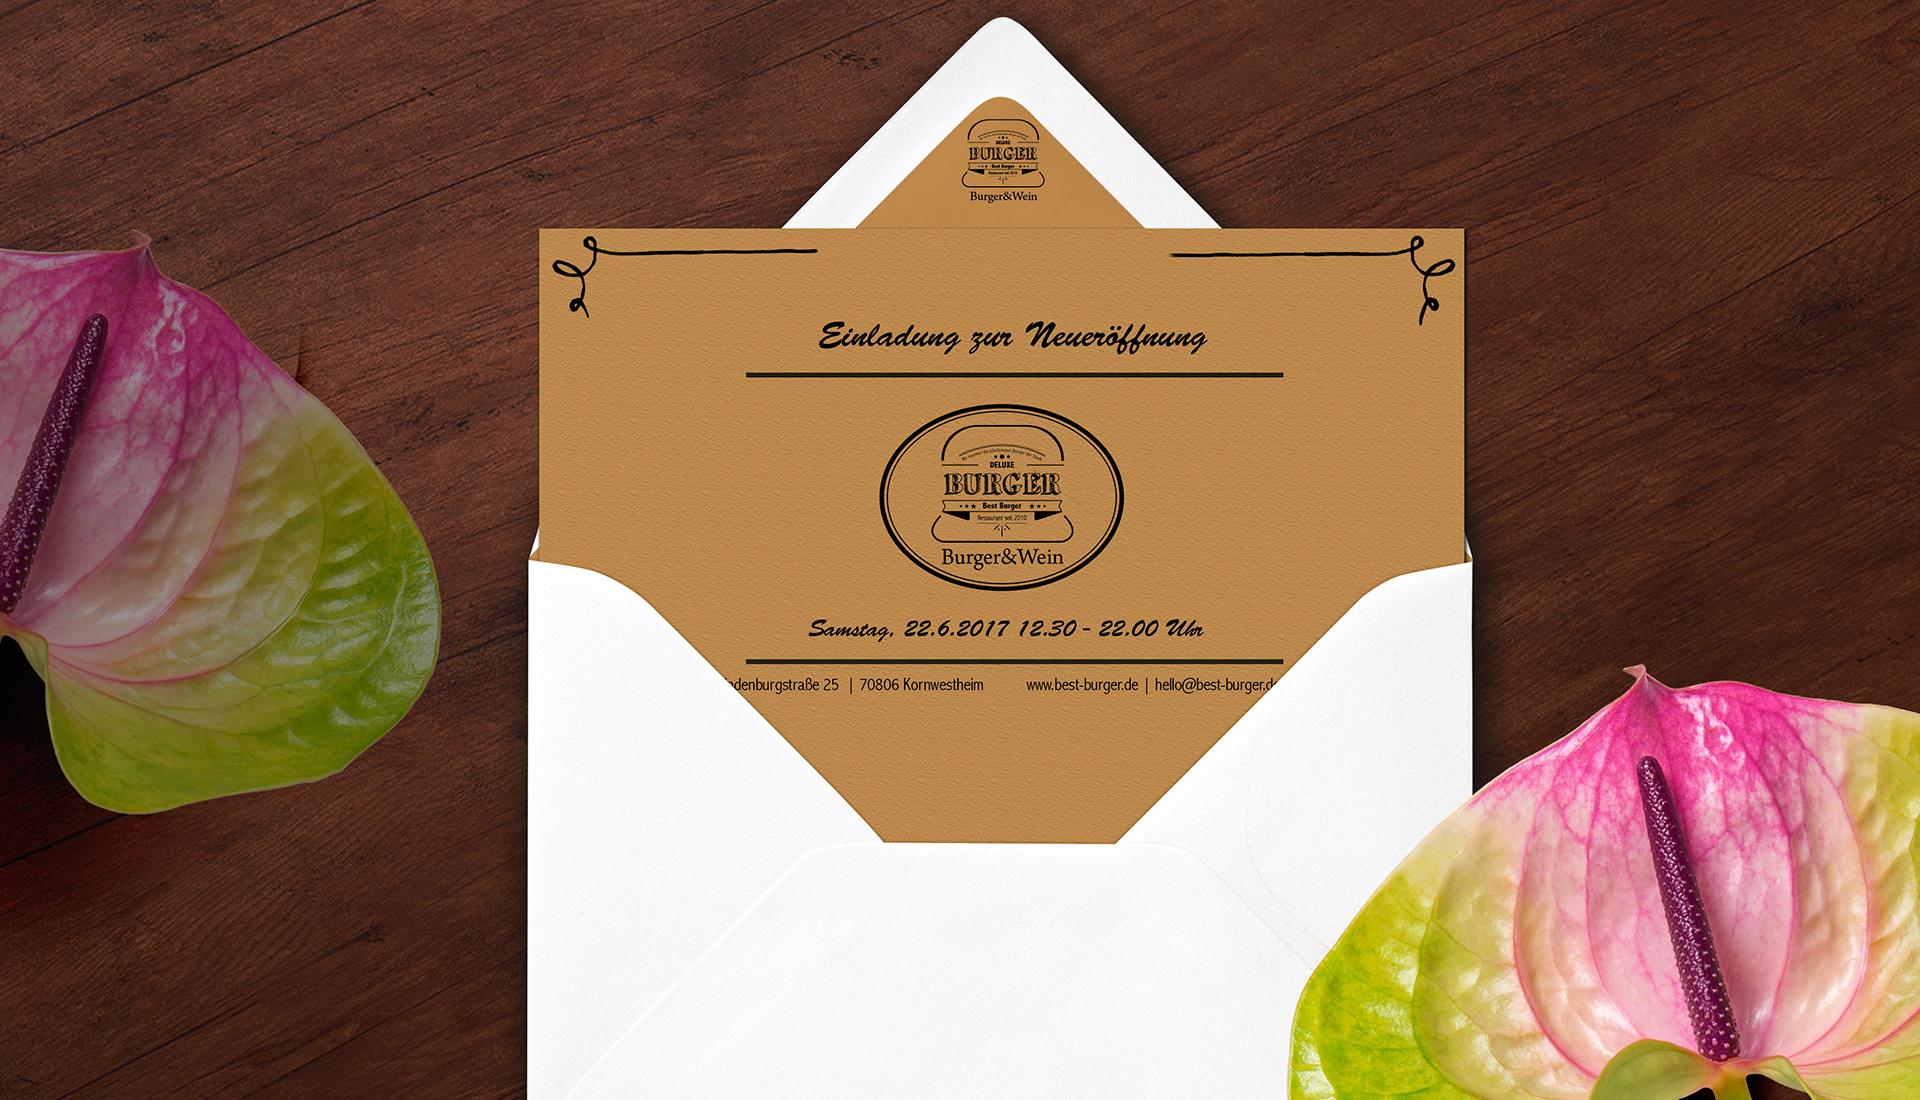 Corporate Design Burger Restaurant, Logo design, Gestaltung von Einladungskarten, Visitenkarten design, Restaurant Design, Menükarten Gestaltung, Einladungskarte